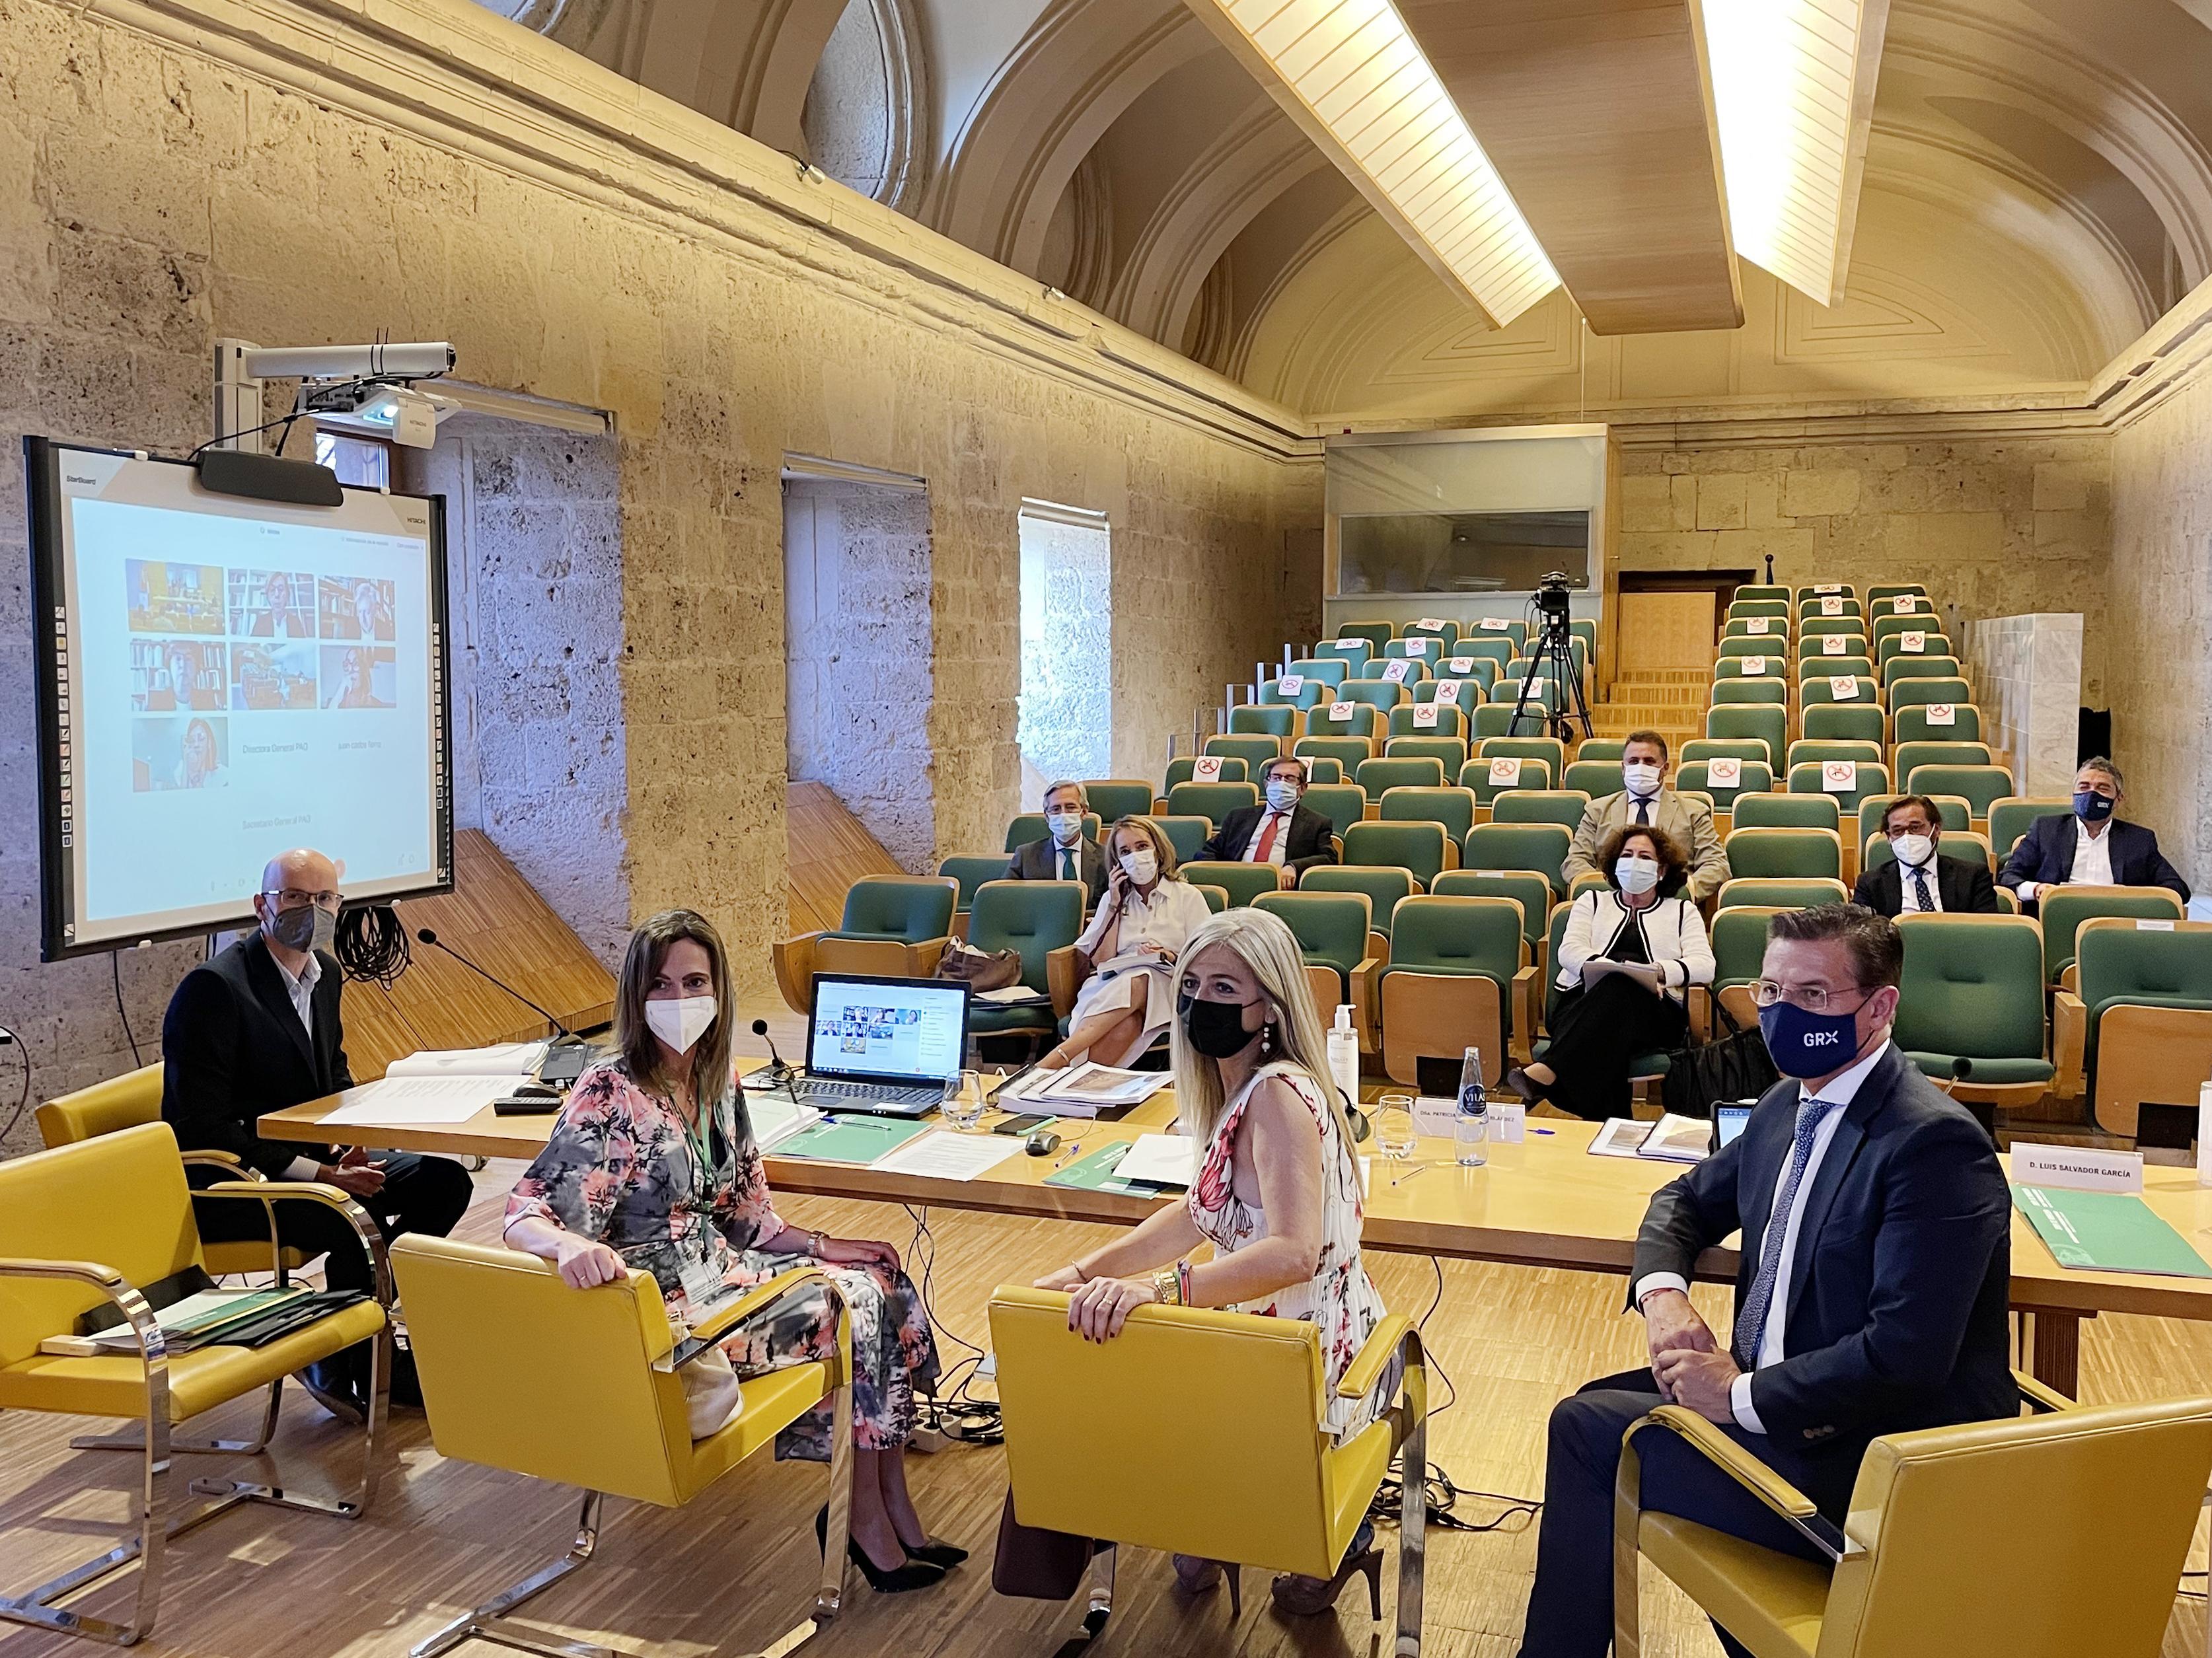 La Alhambra prorroga su Plan Director hasta diciembre de 2021 para su evaluación y revisión